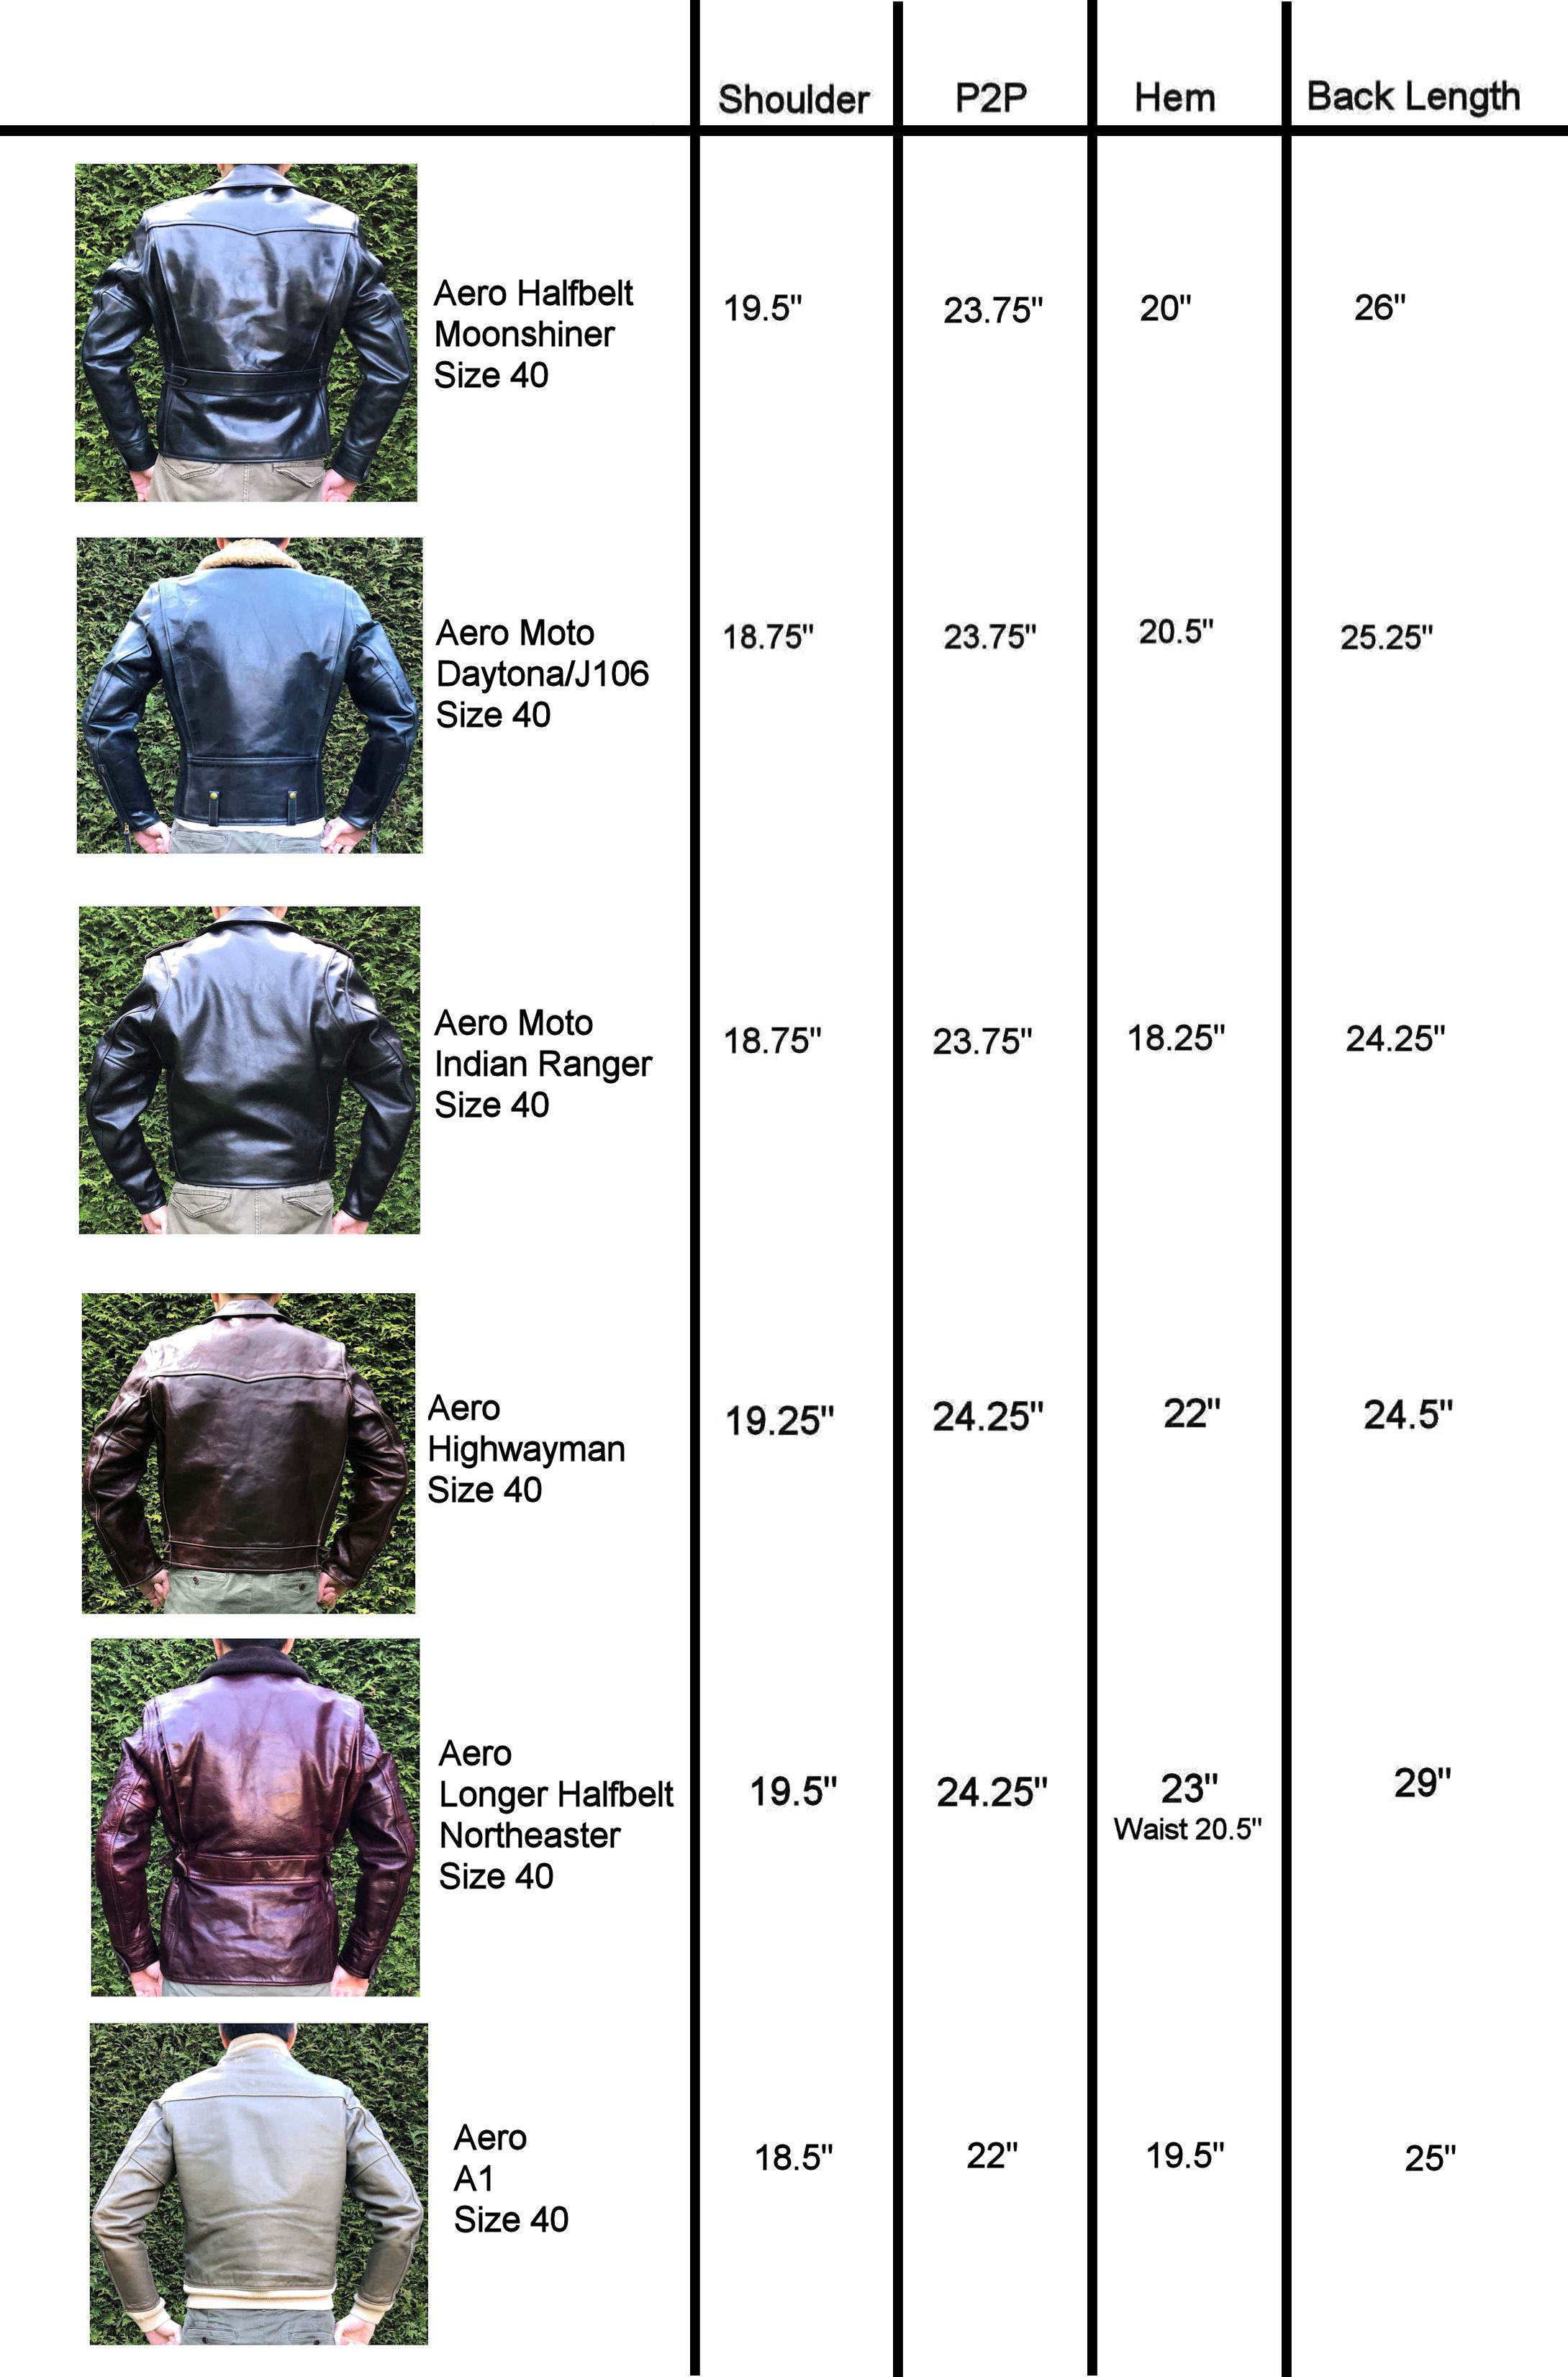 aero size comparison.jpg